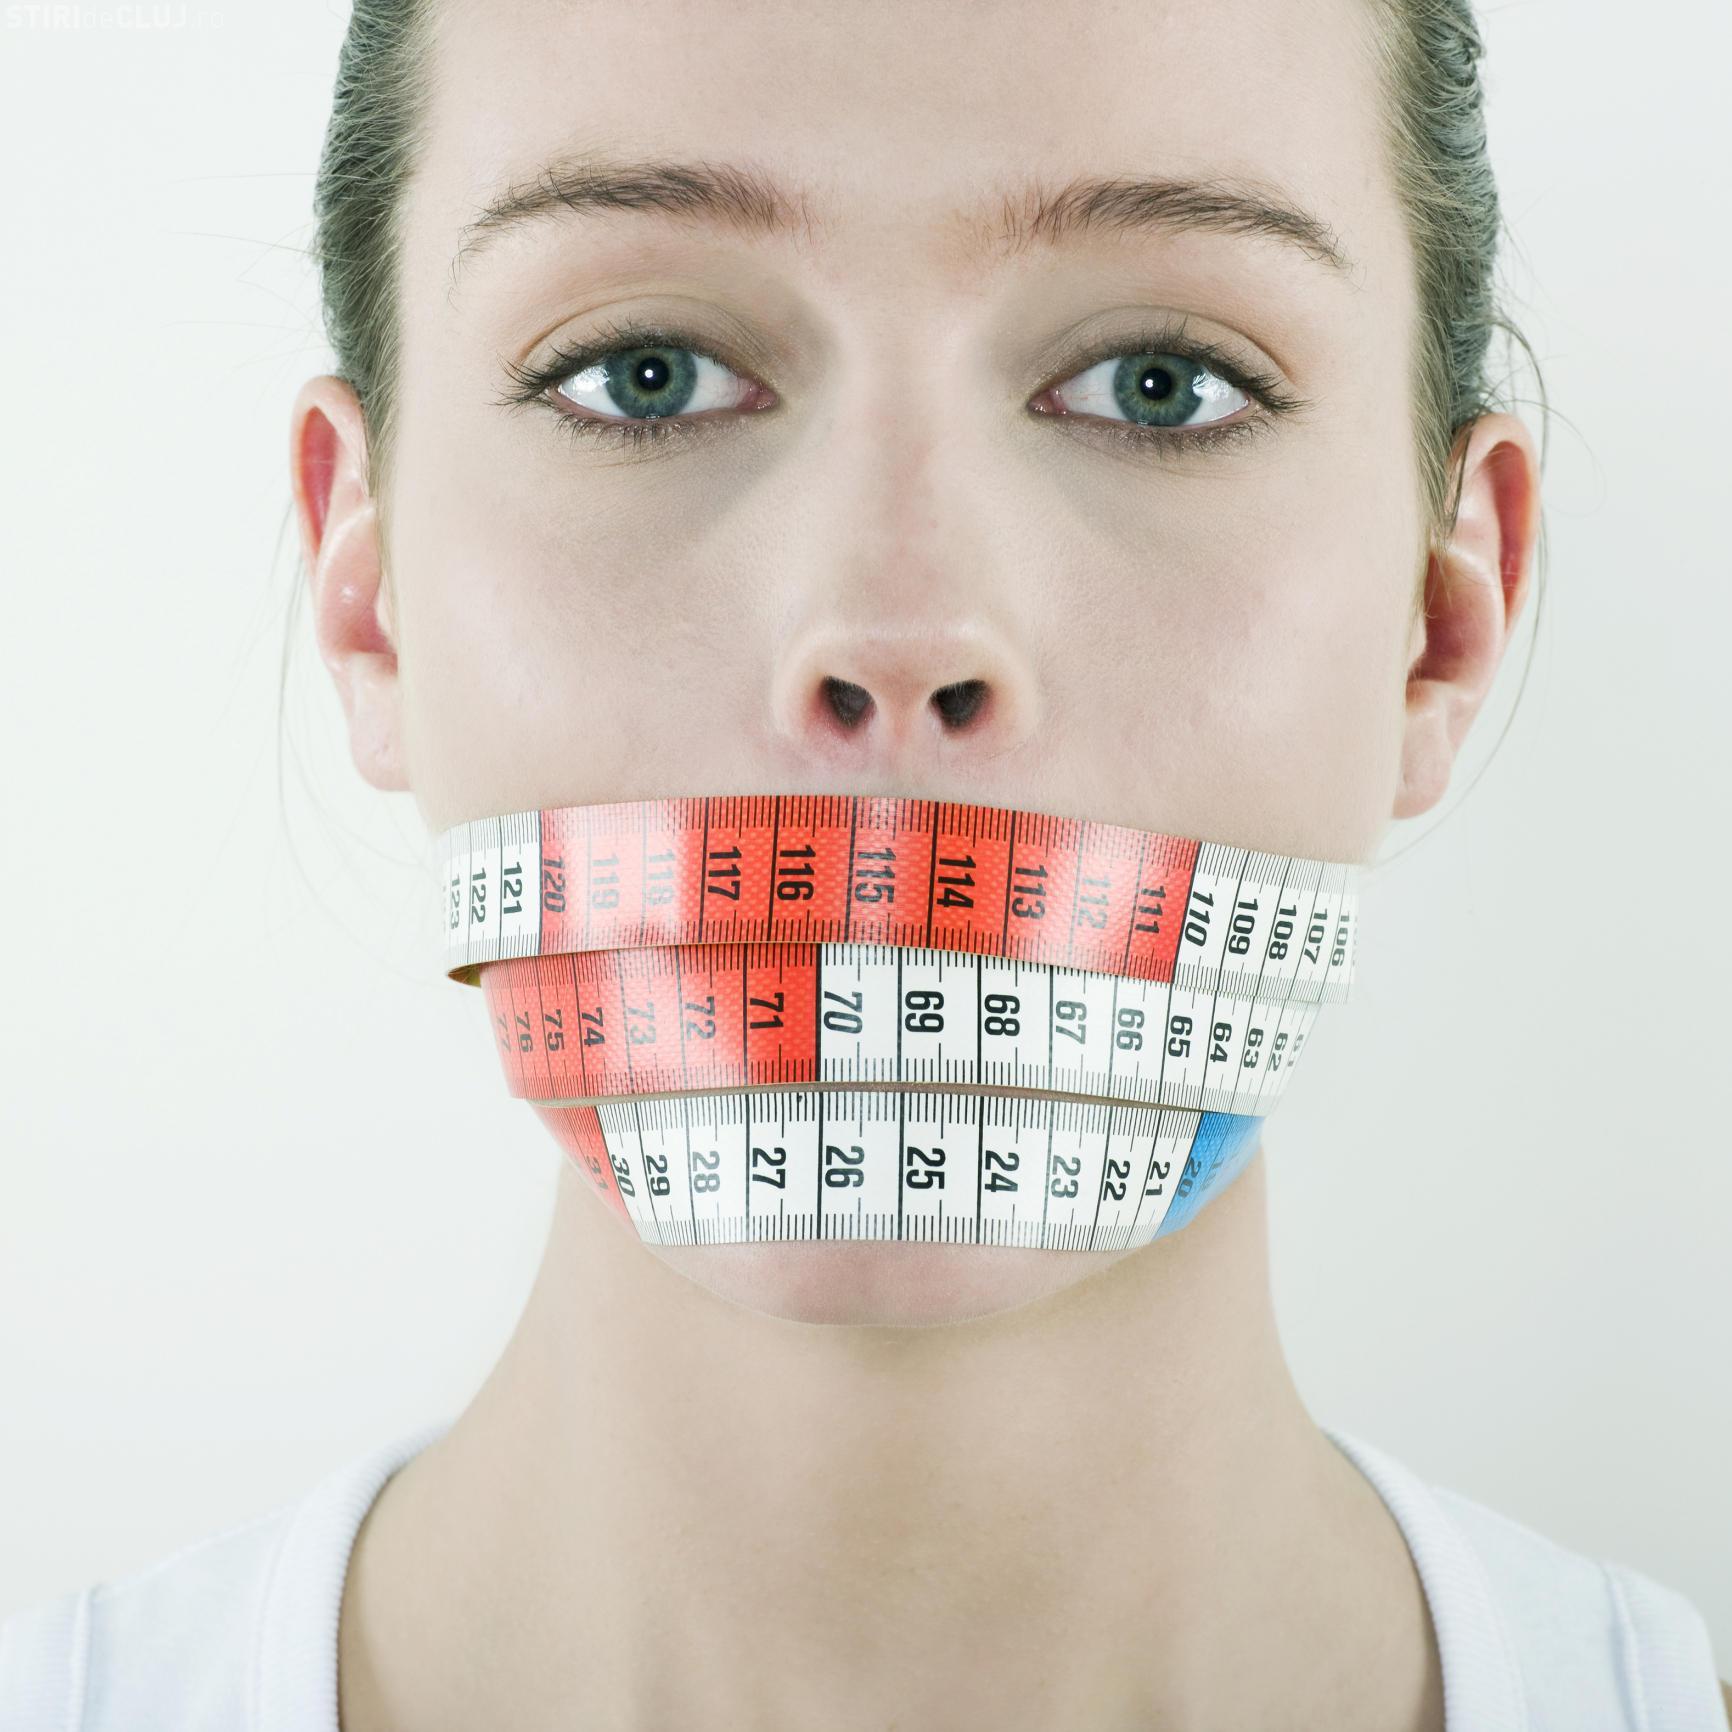 Плюсы и минусы белковой диеты 7 дней